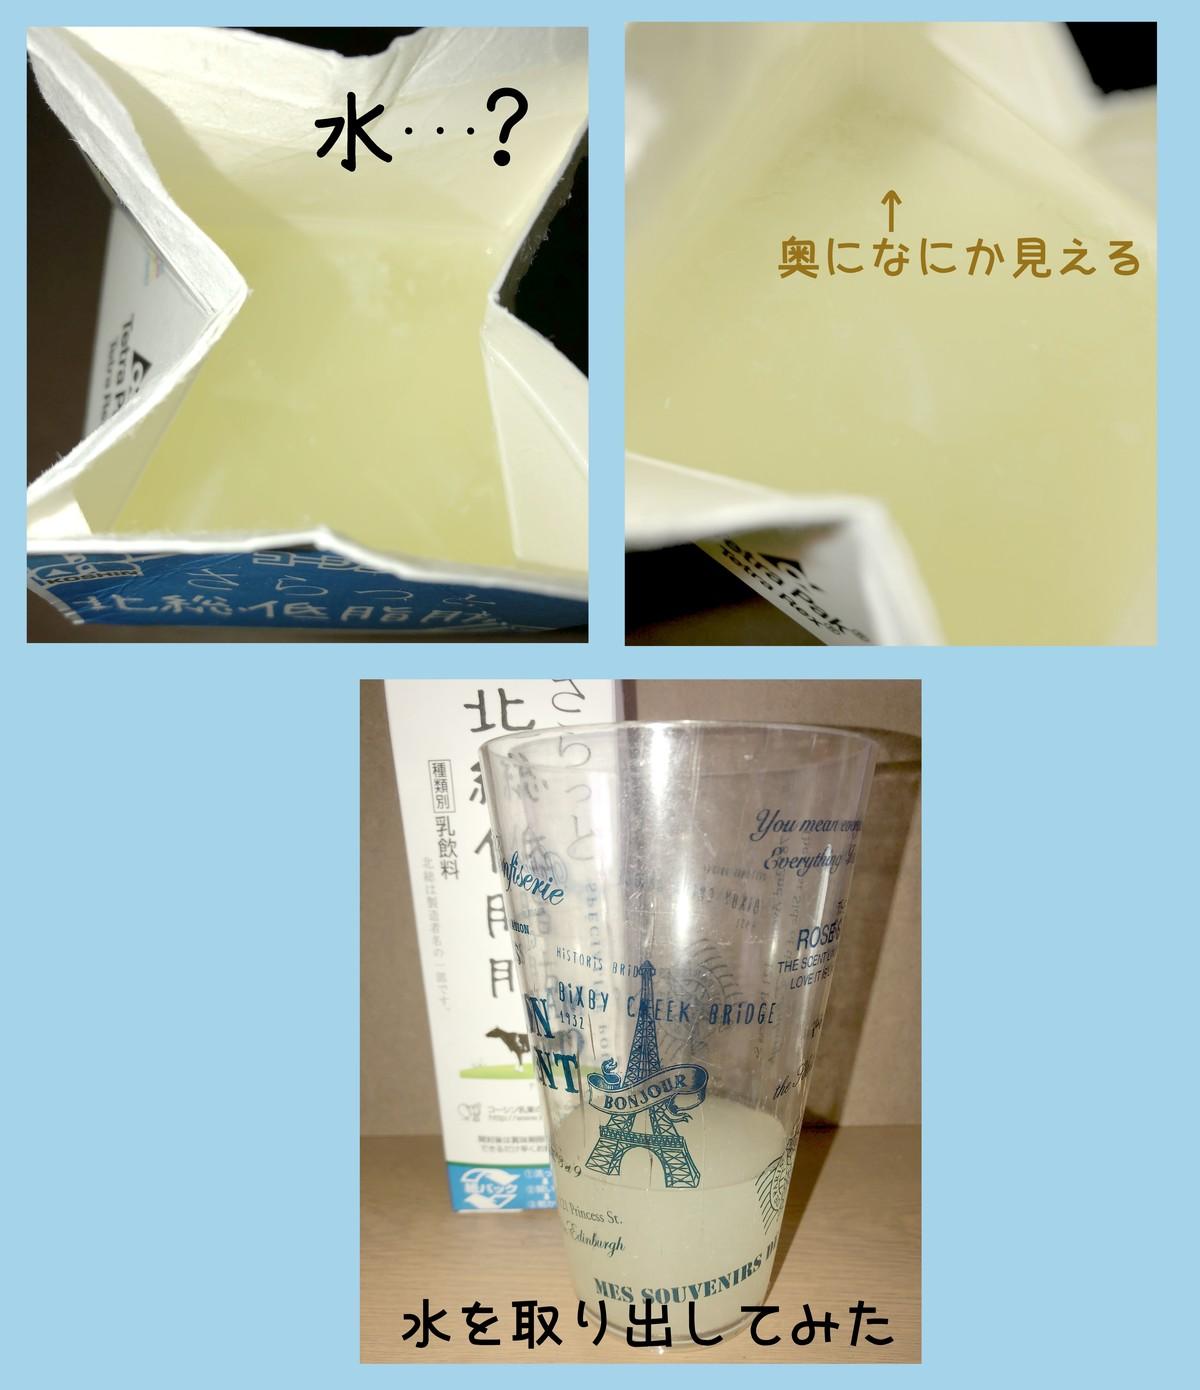 低脂肪牛乳実験1